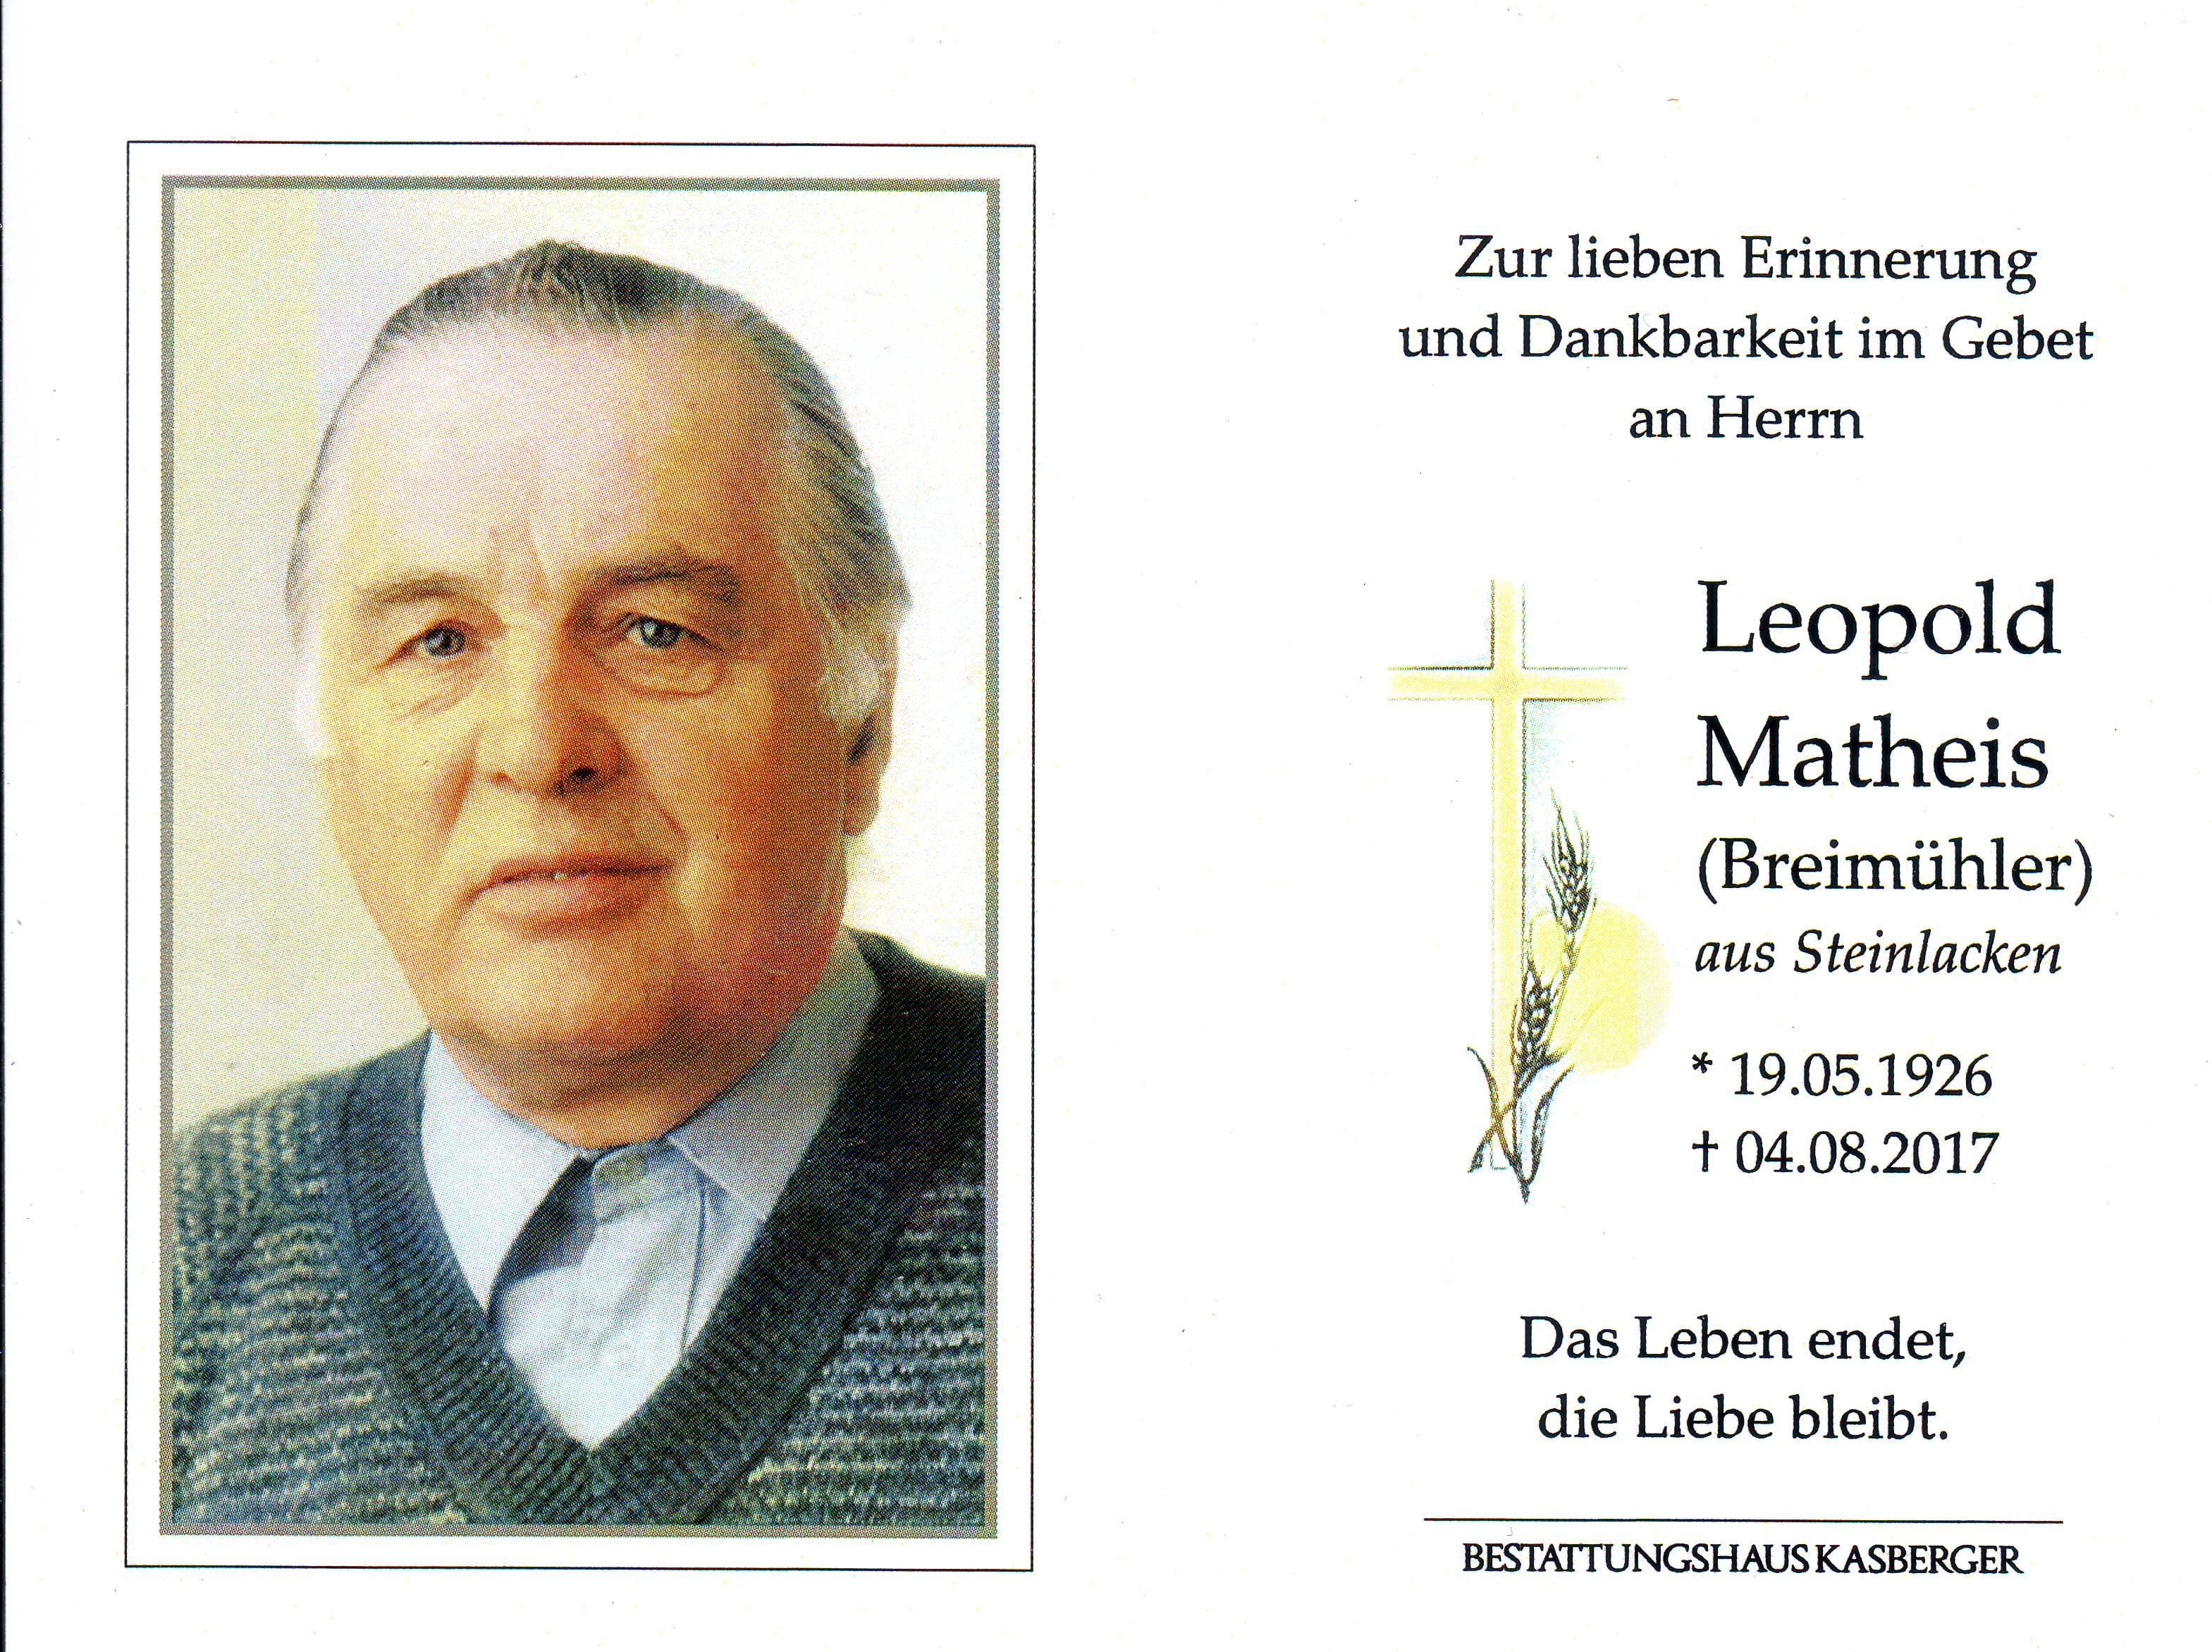 Leopold_Matheis-leopold_Matheis.jpg